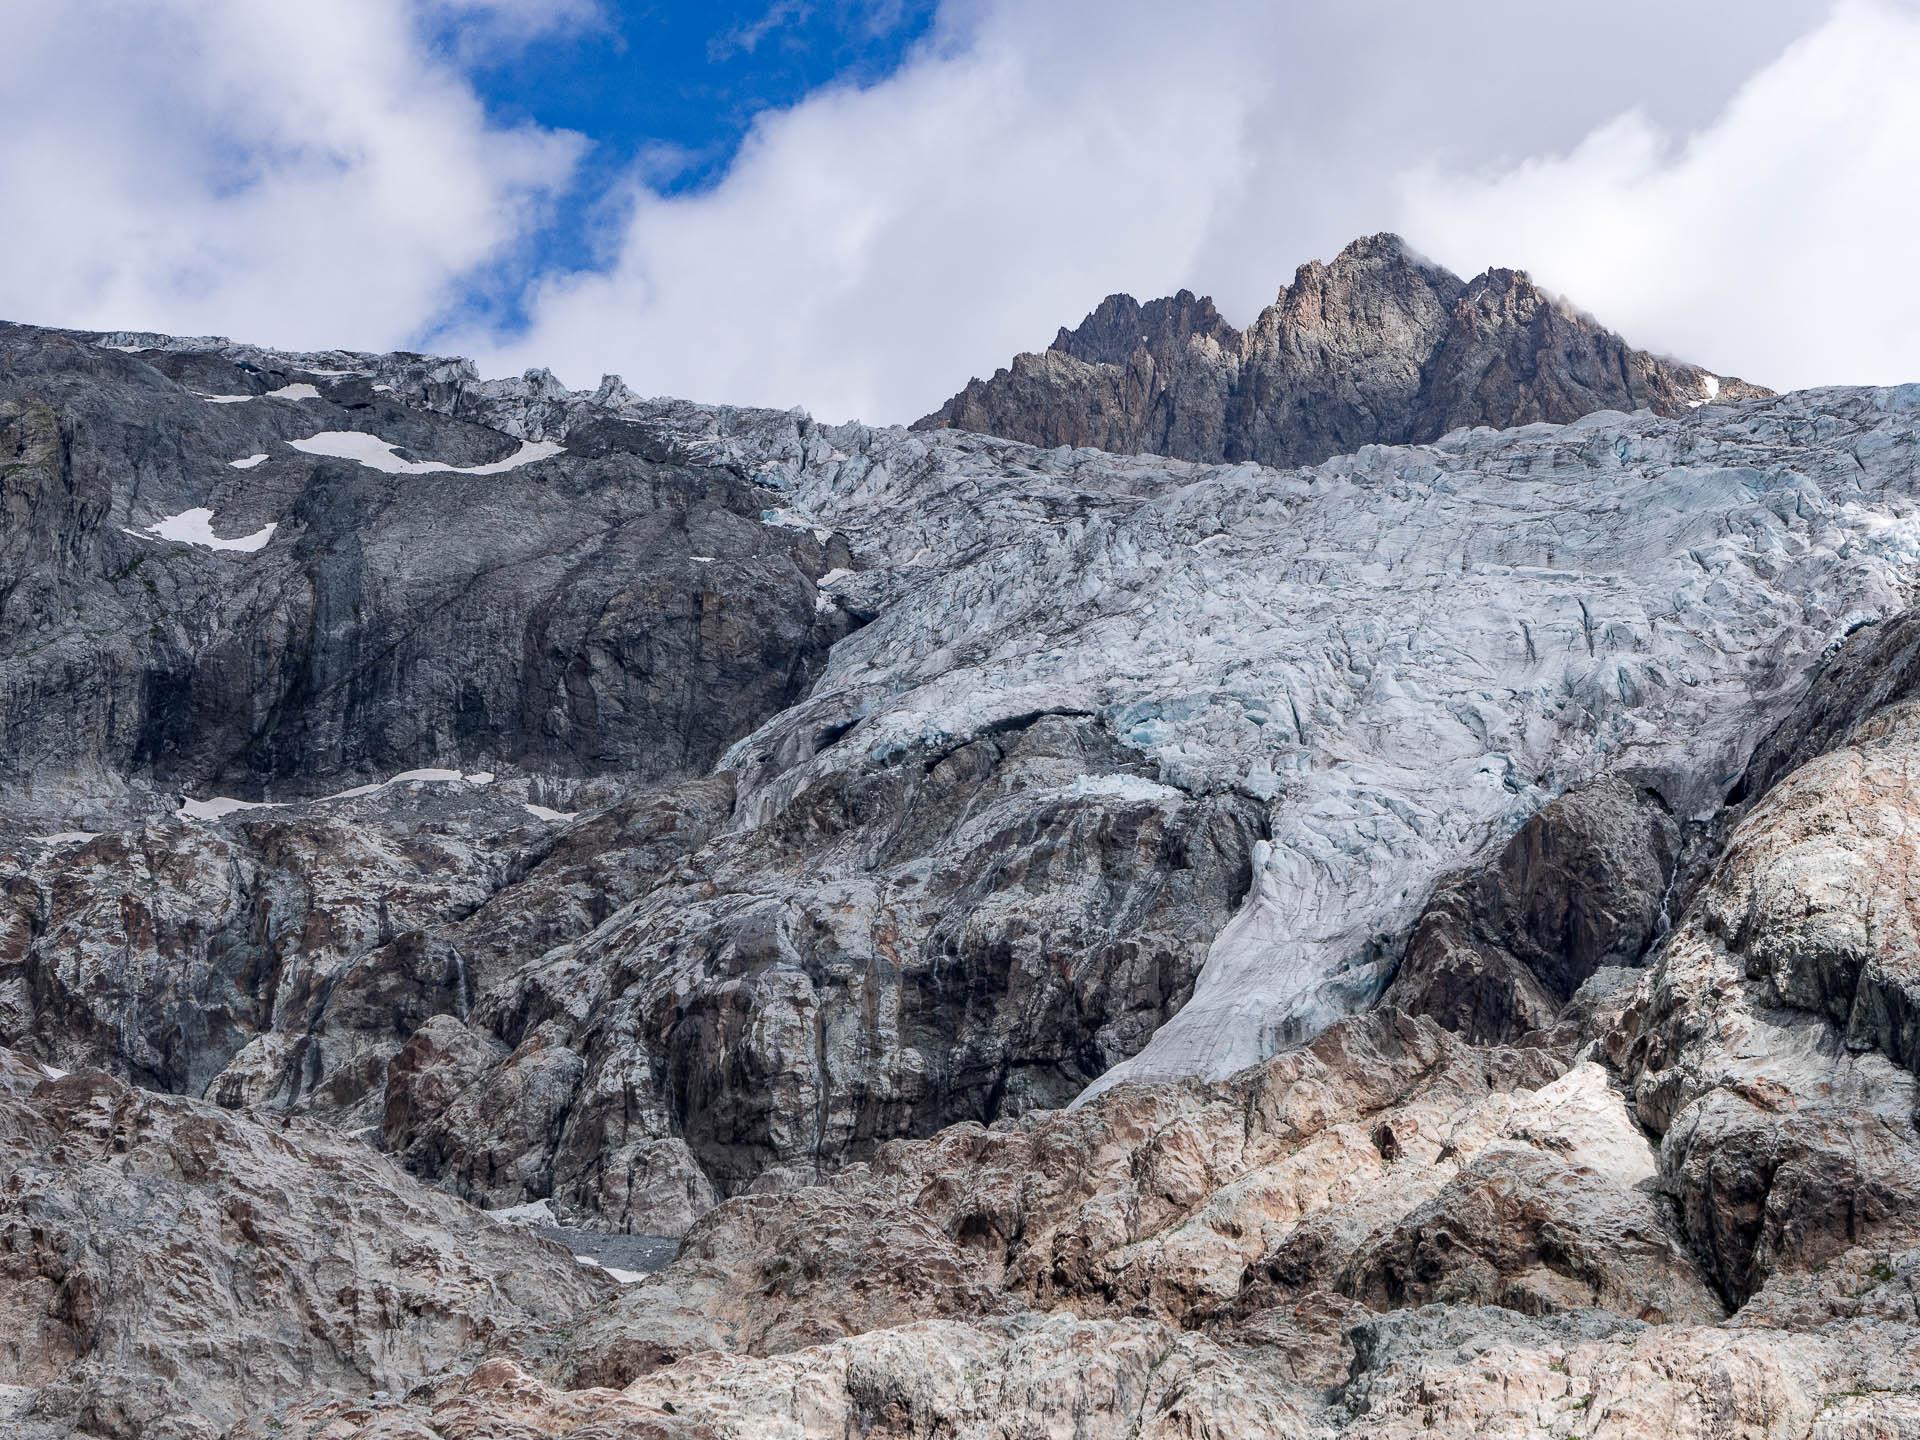 crins glacier blanc - Les globe blogueurs - blog voyage nature